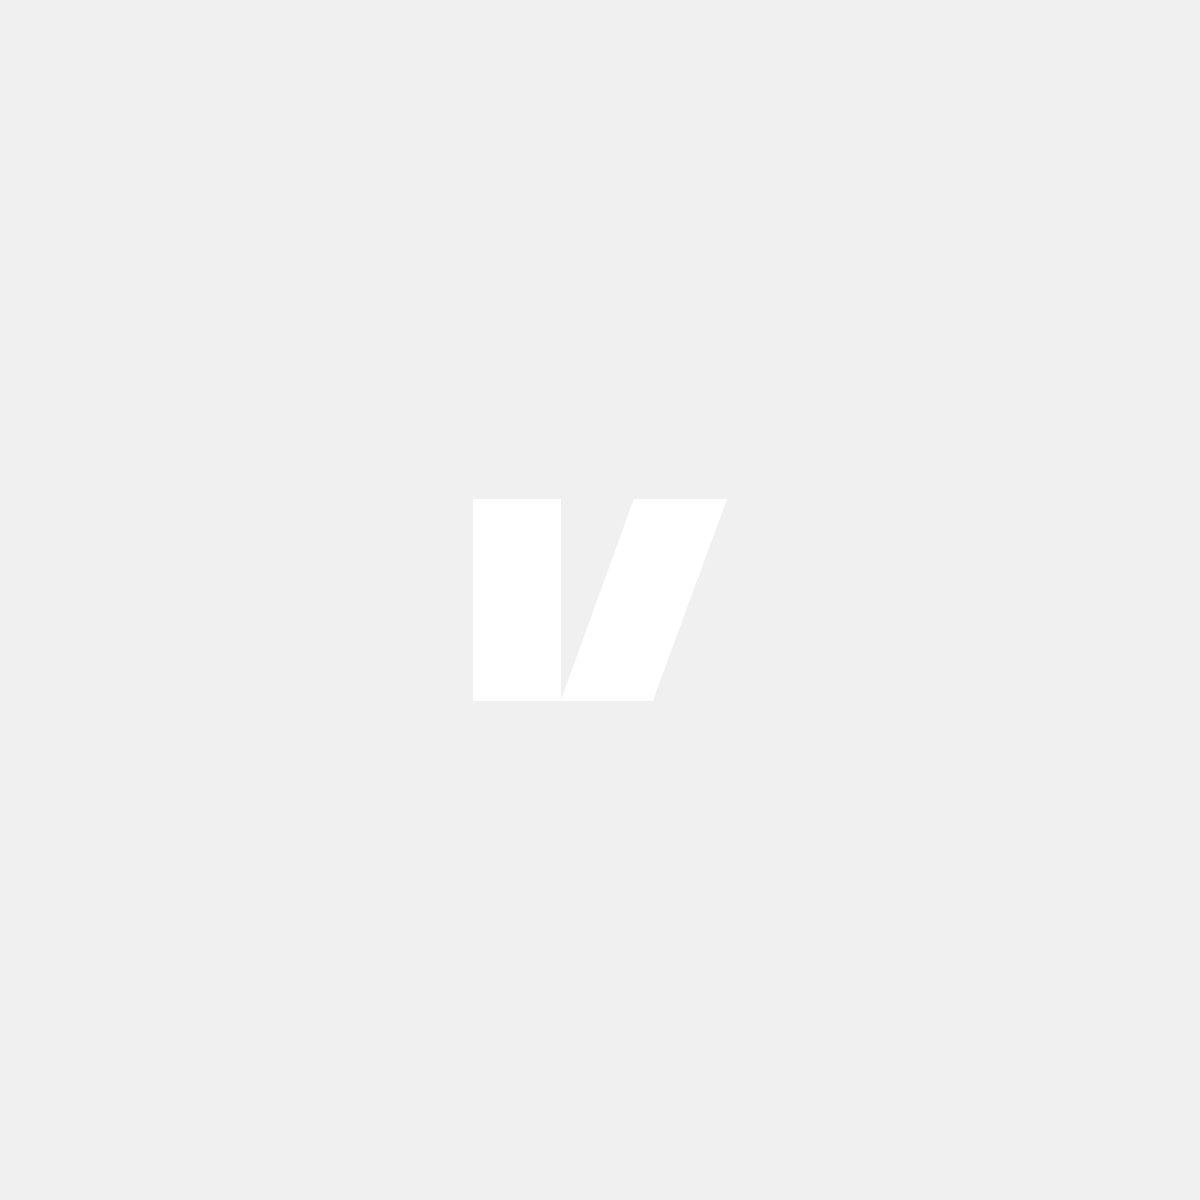 XC-grill, helkromad till Volvo V70 00-04